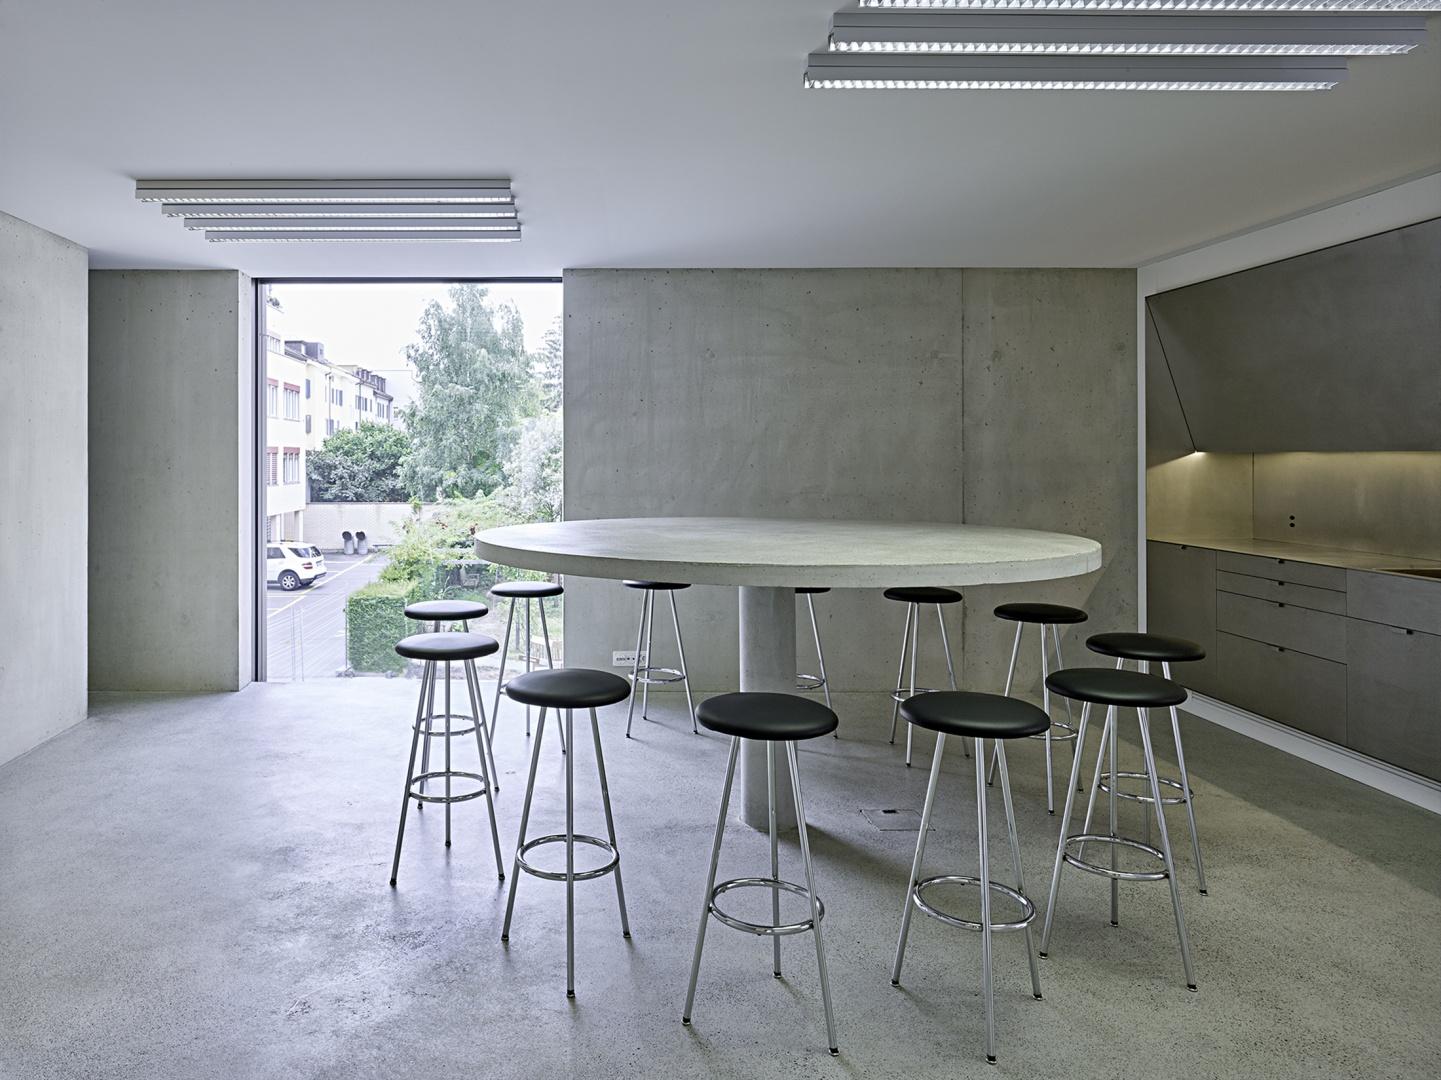 Pausenraum_Büro © Arnold Kohler Fotografie, Winterthur